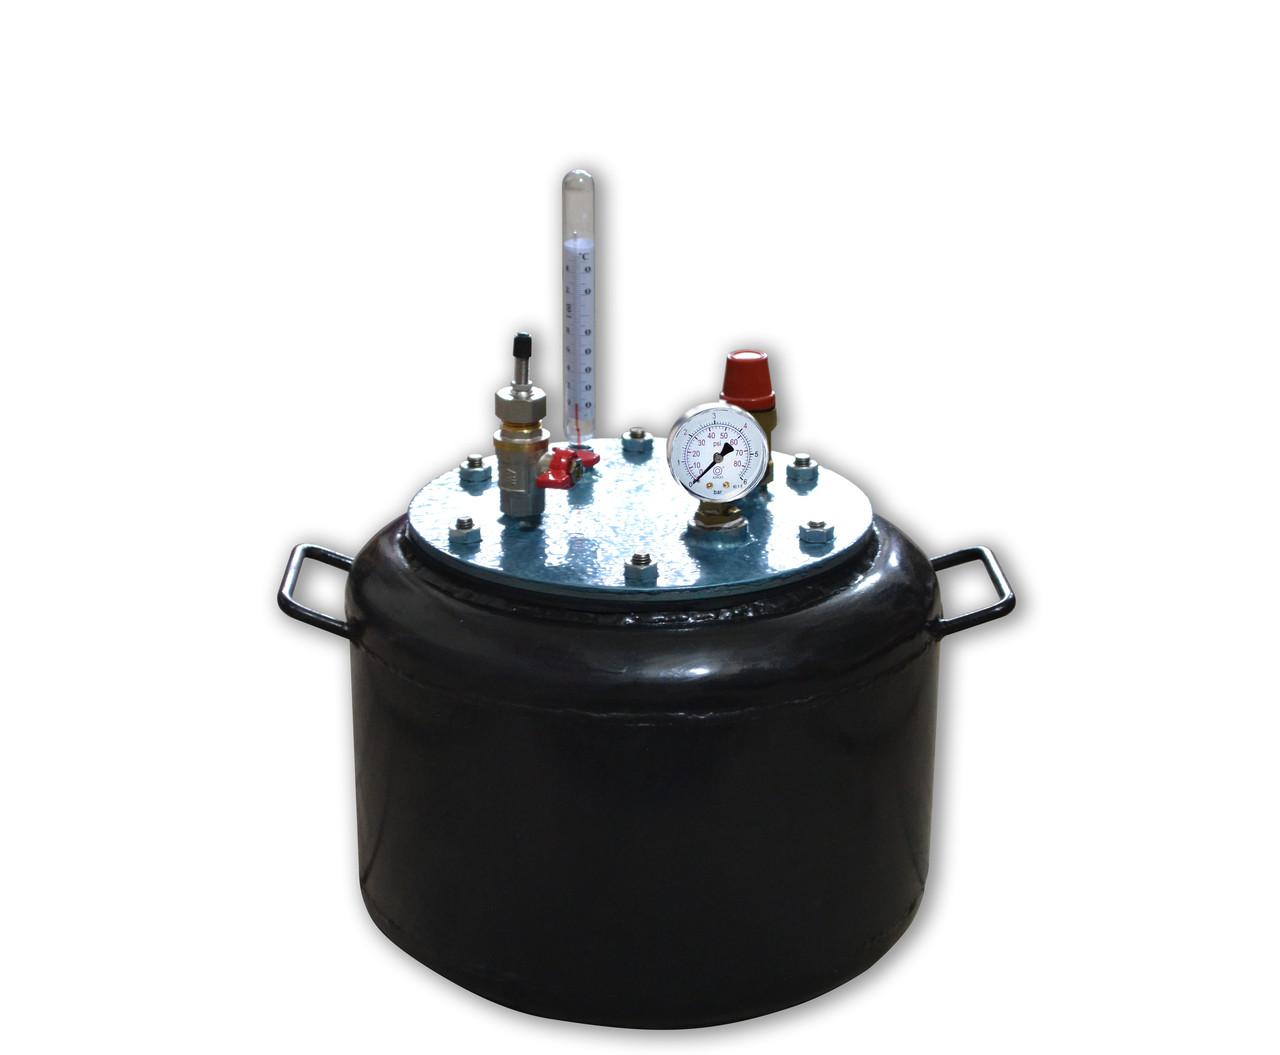 Автоклав маленький бытовой Утех8 (черная сталь 2.5 мм / 8 банок 0,5)